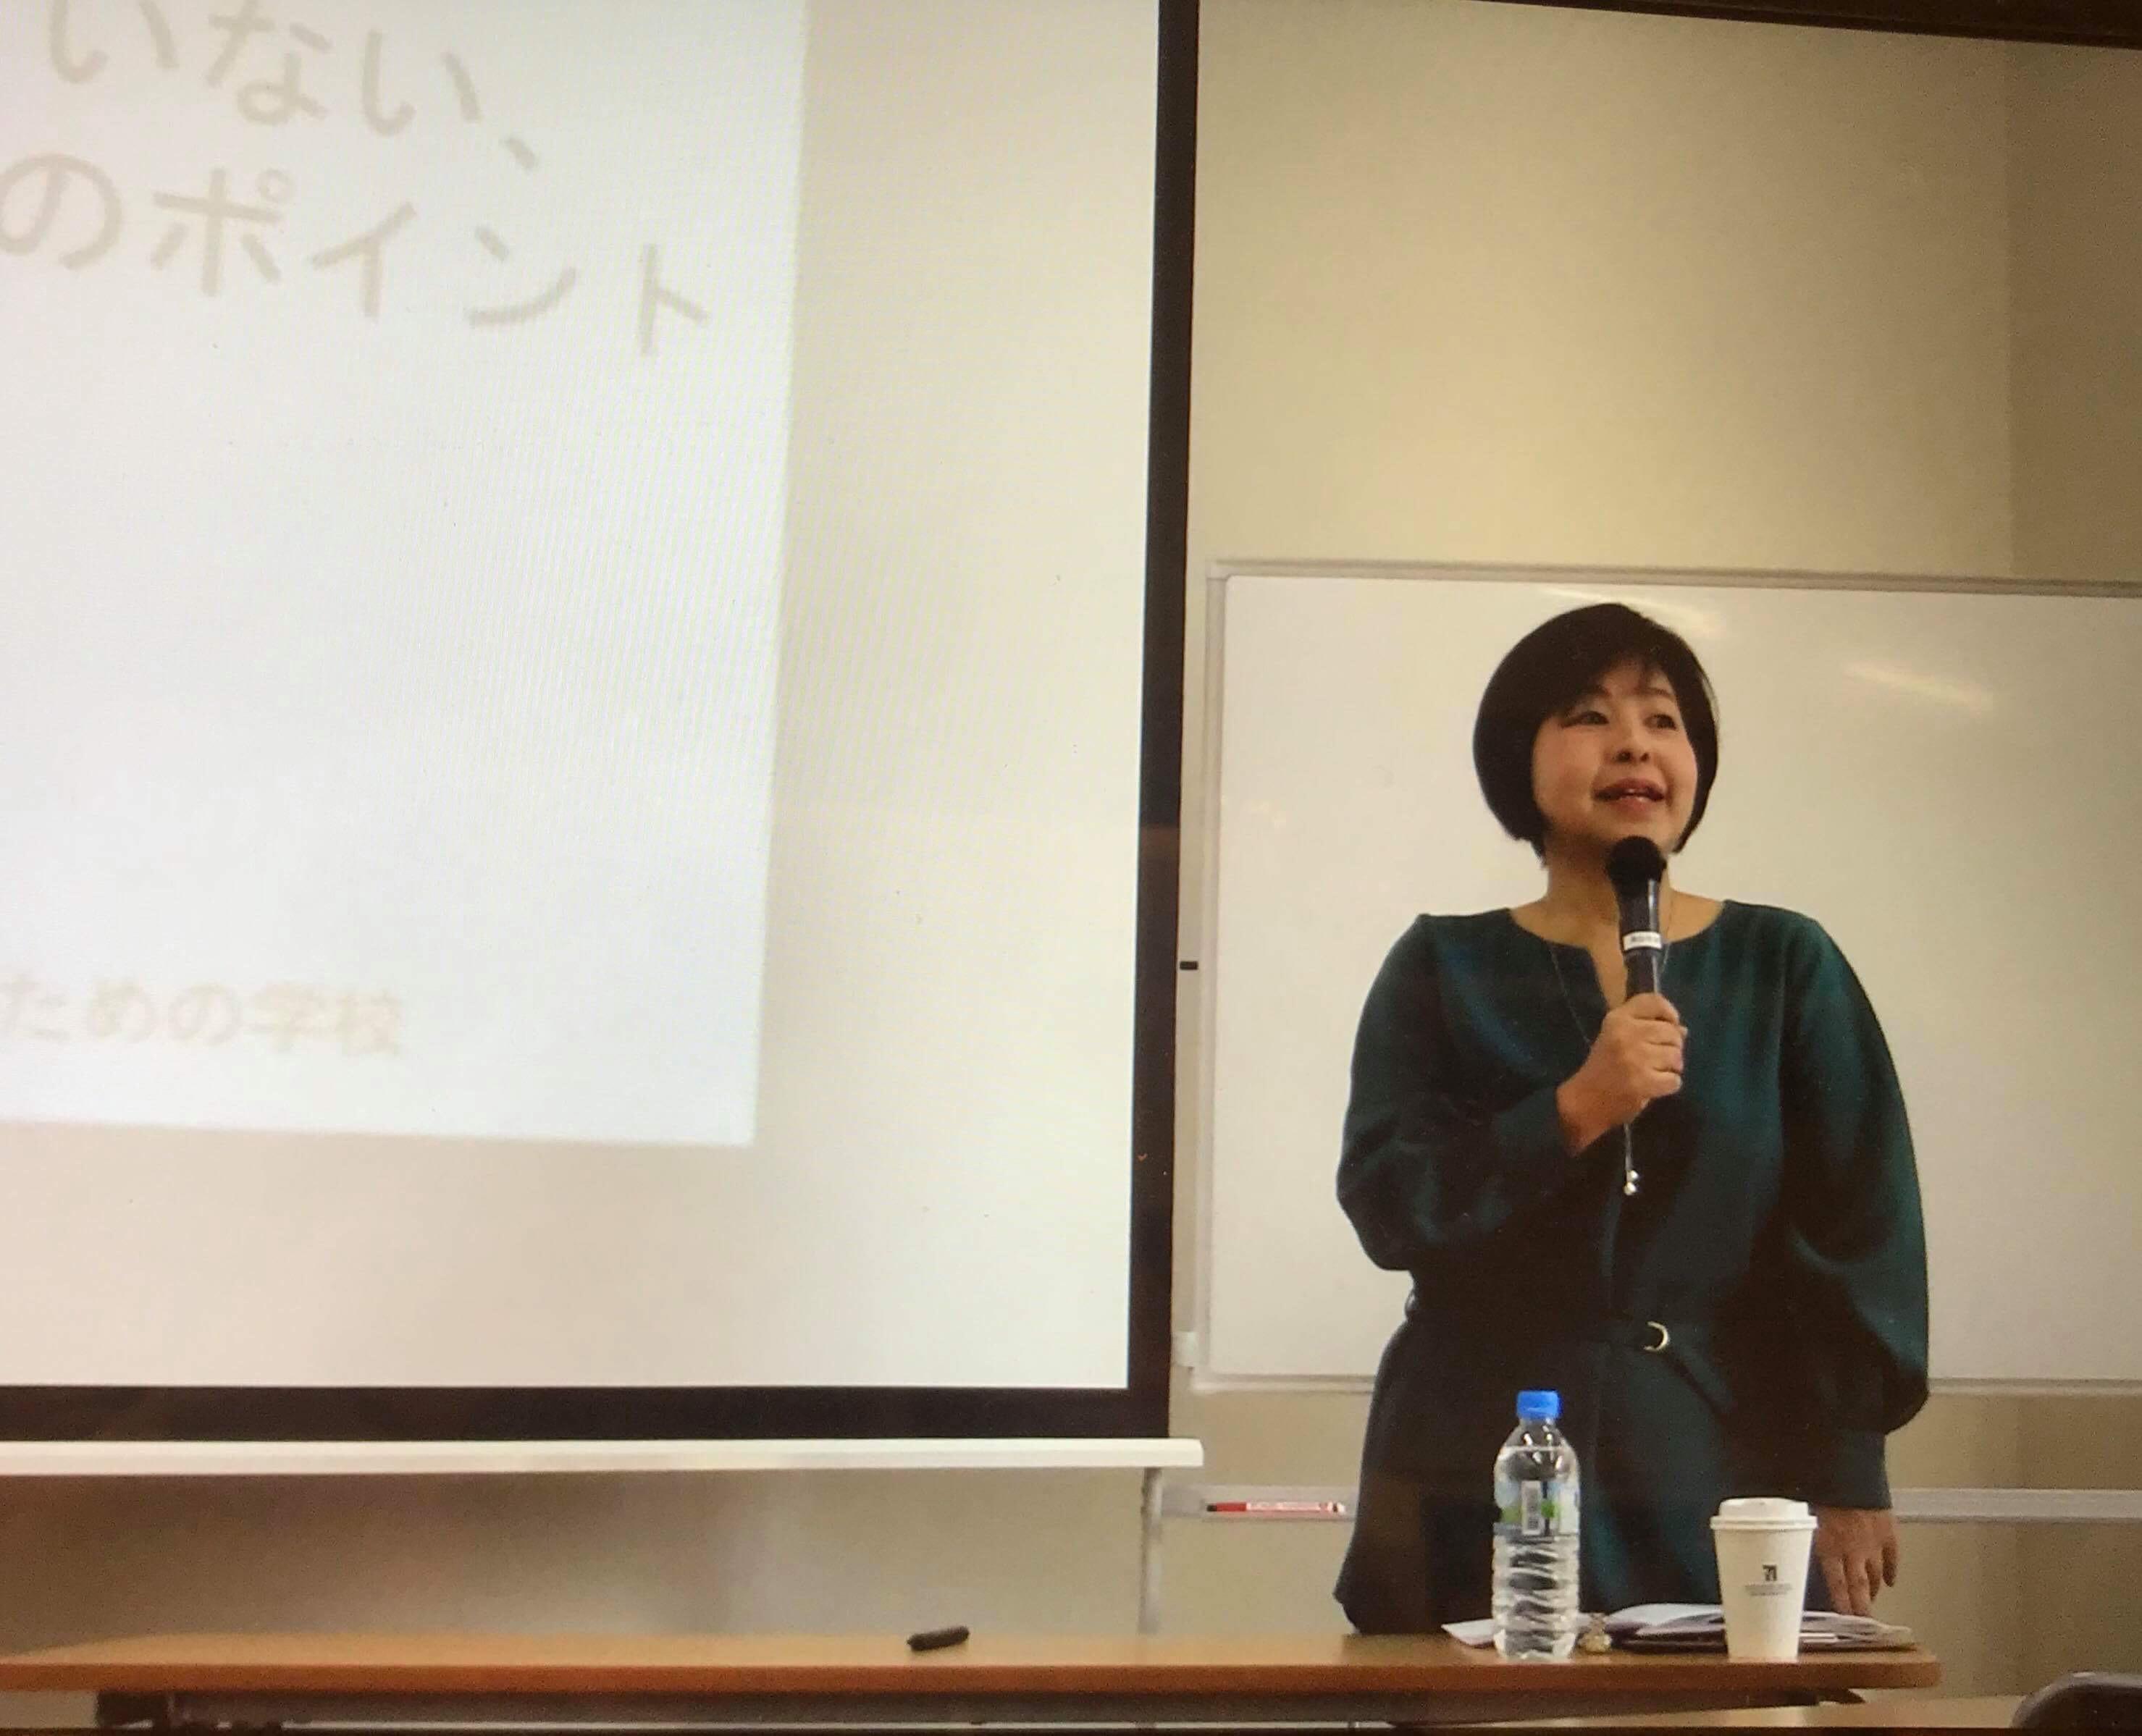 無料体験会 「ママのための潜在意識活用術講座」を開催しました!